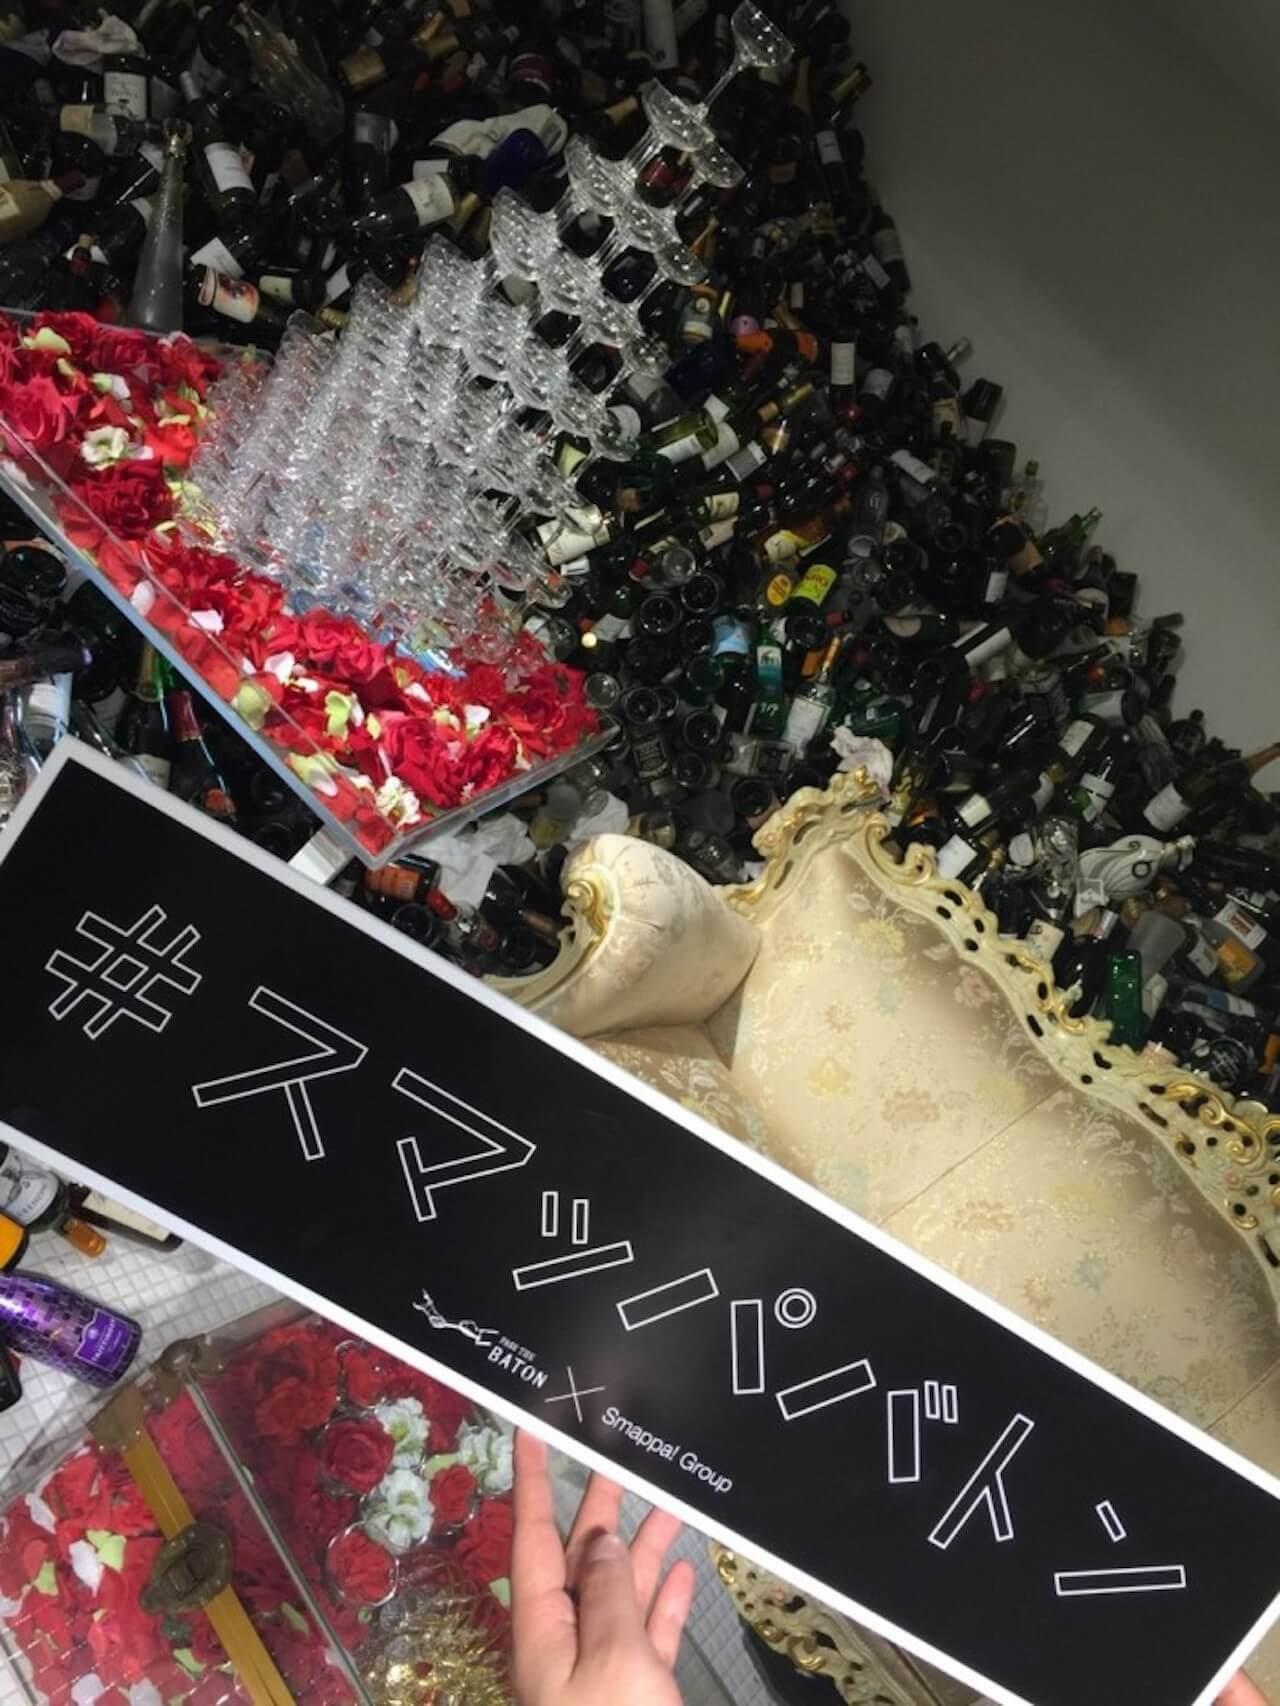 「ホストの輪郭」対談篇〜歌舞伎町、恋愛、いい男になること〜 column210818-aoyamareman-2